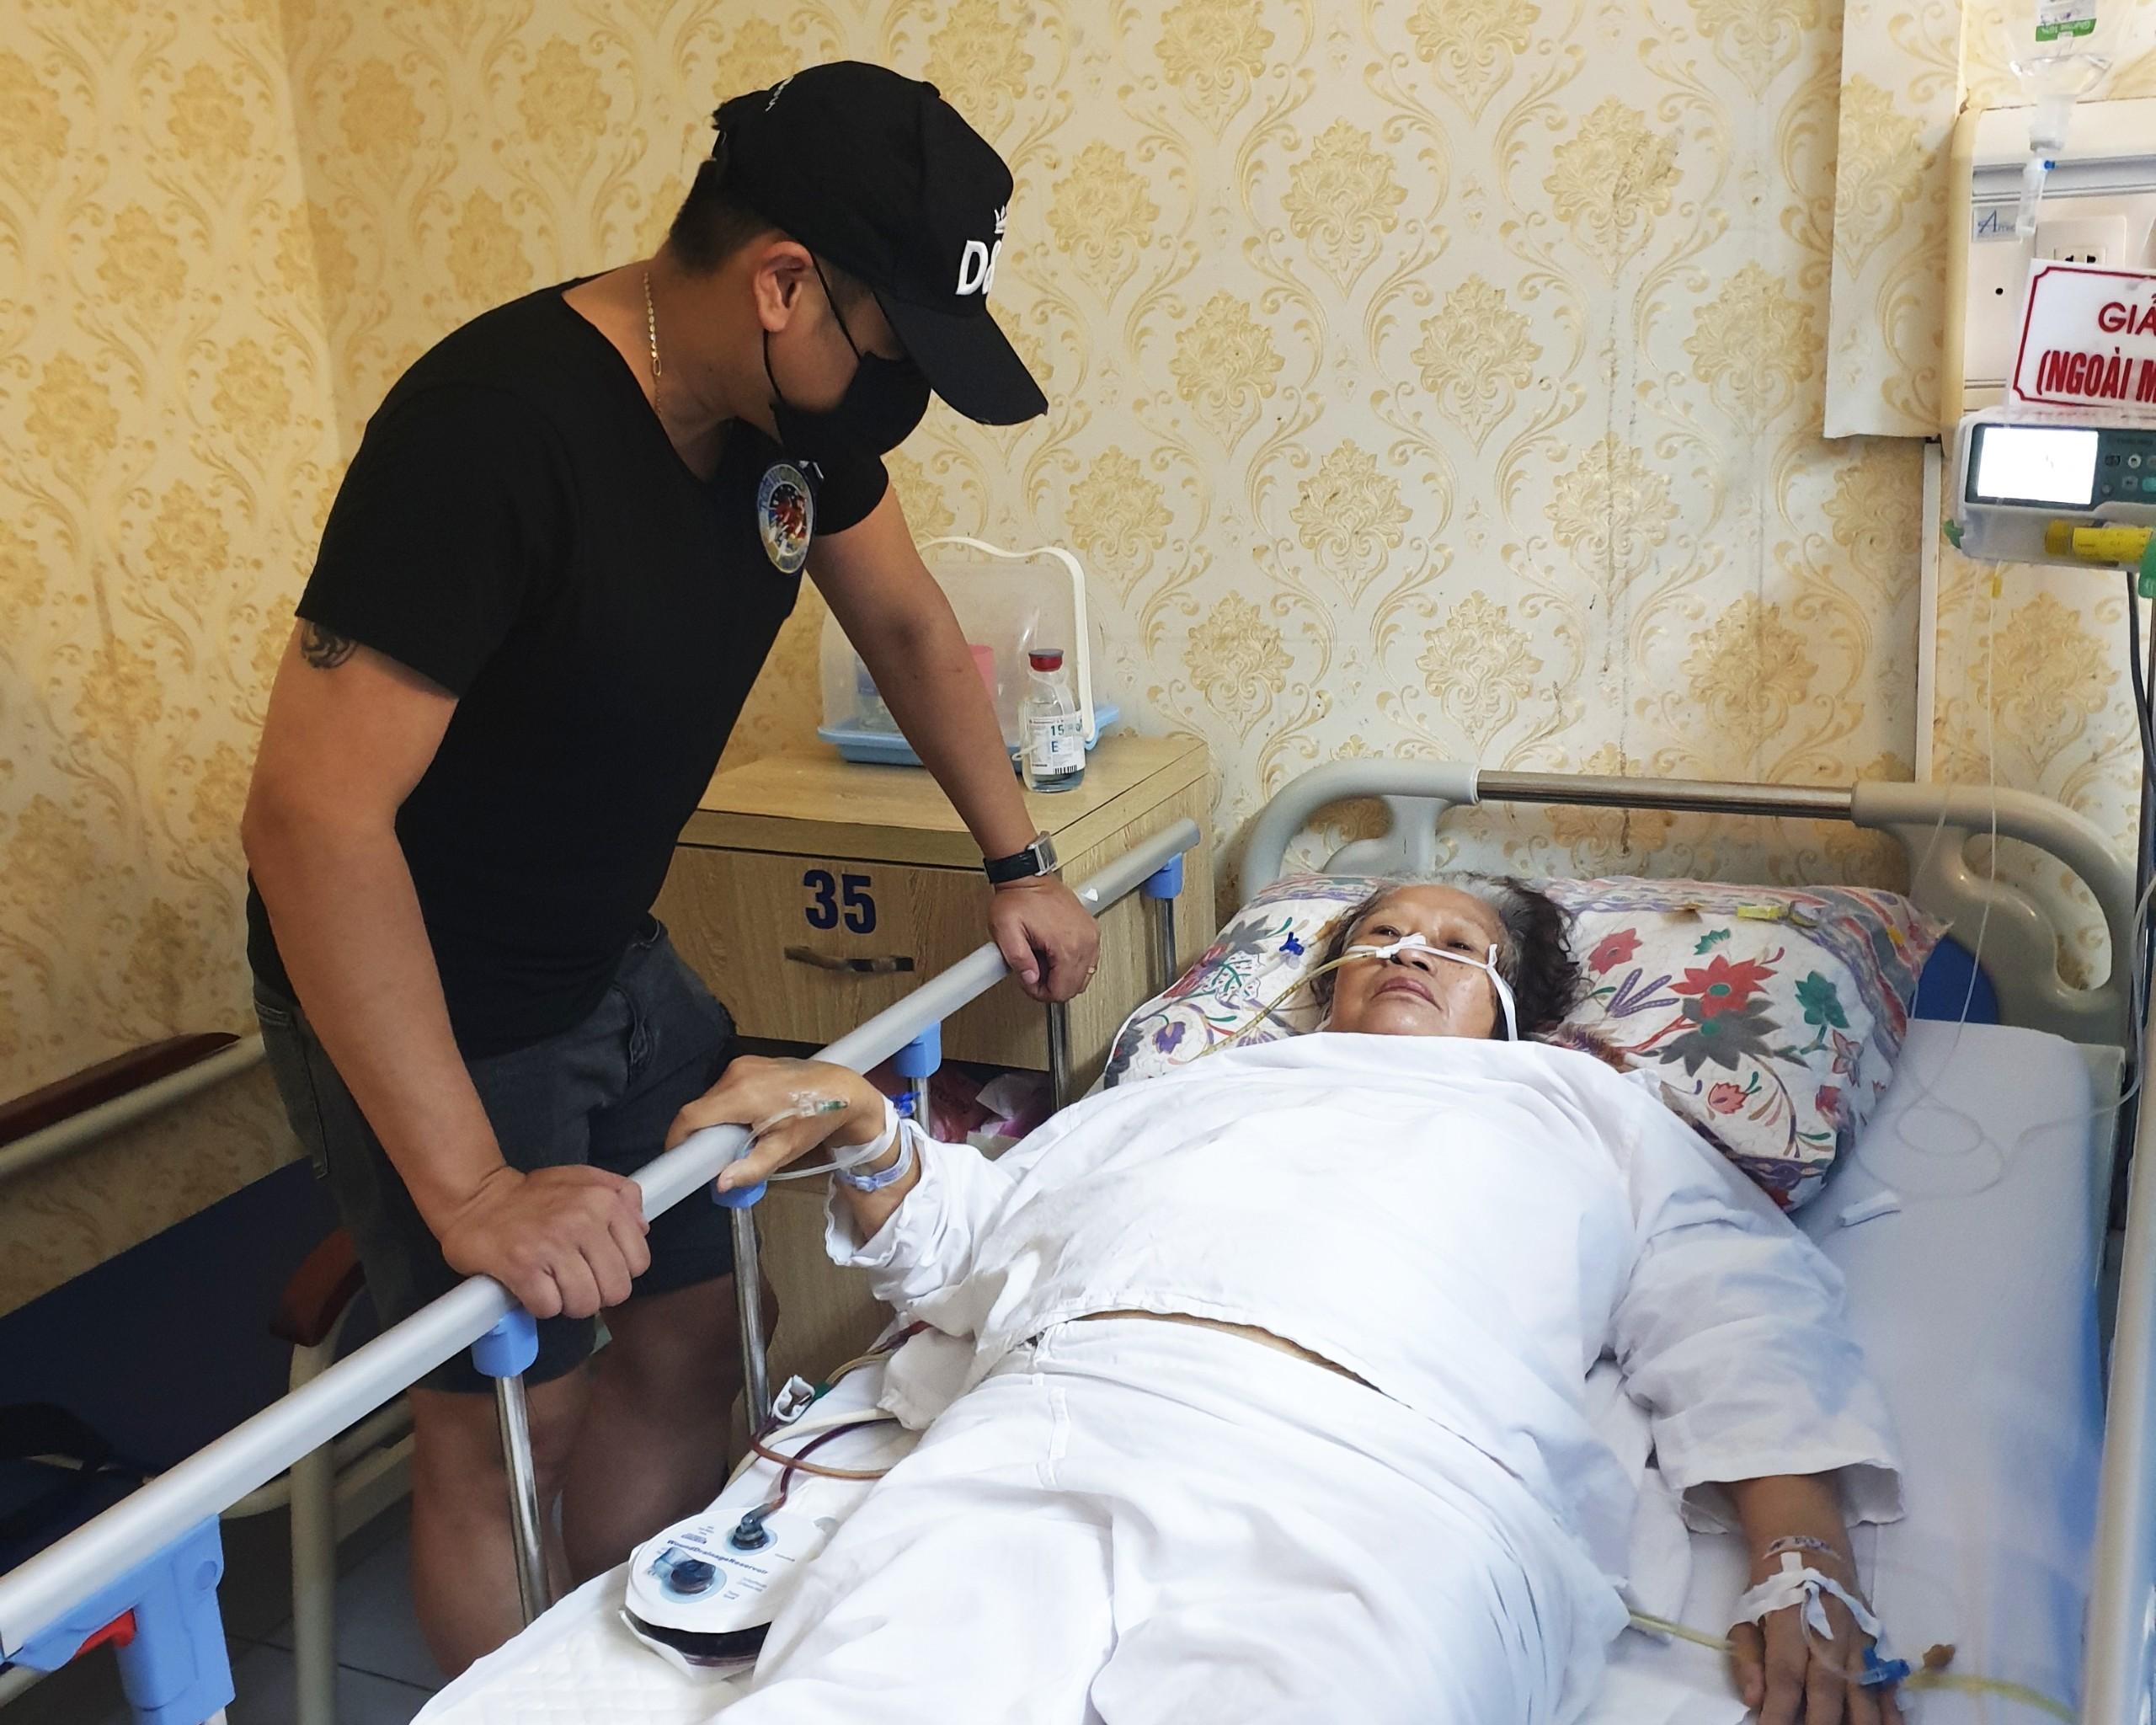 Minh Tiệp bỏ lỡ cơ hội đóng phim, làm MC để chăm mẹ nằm viện